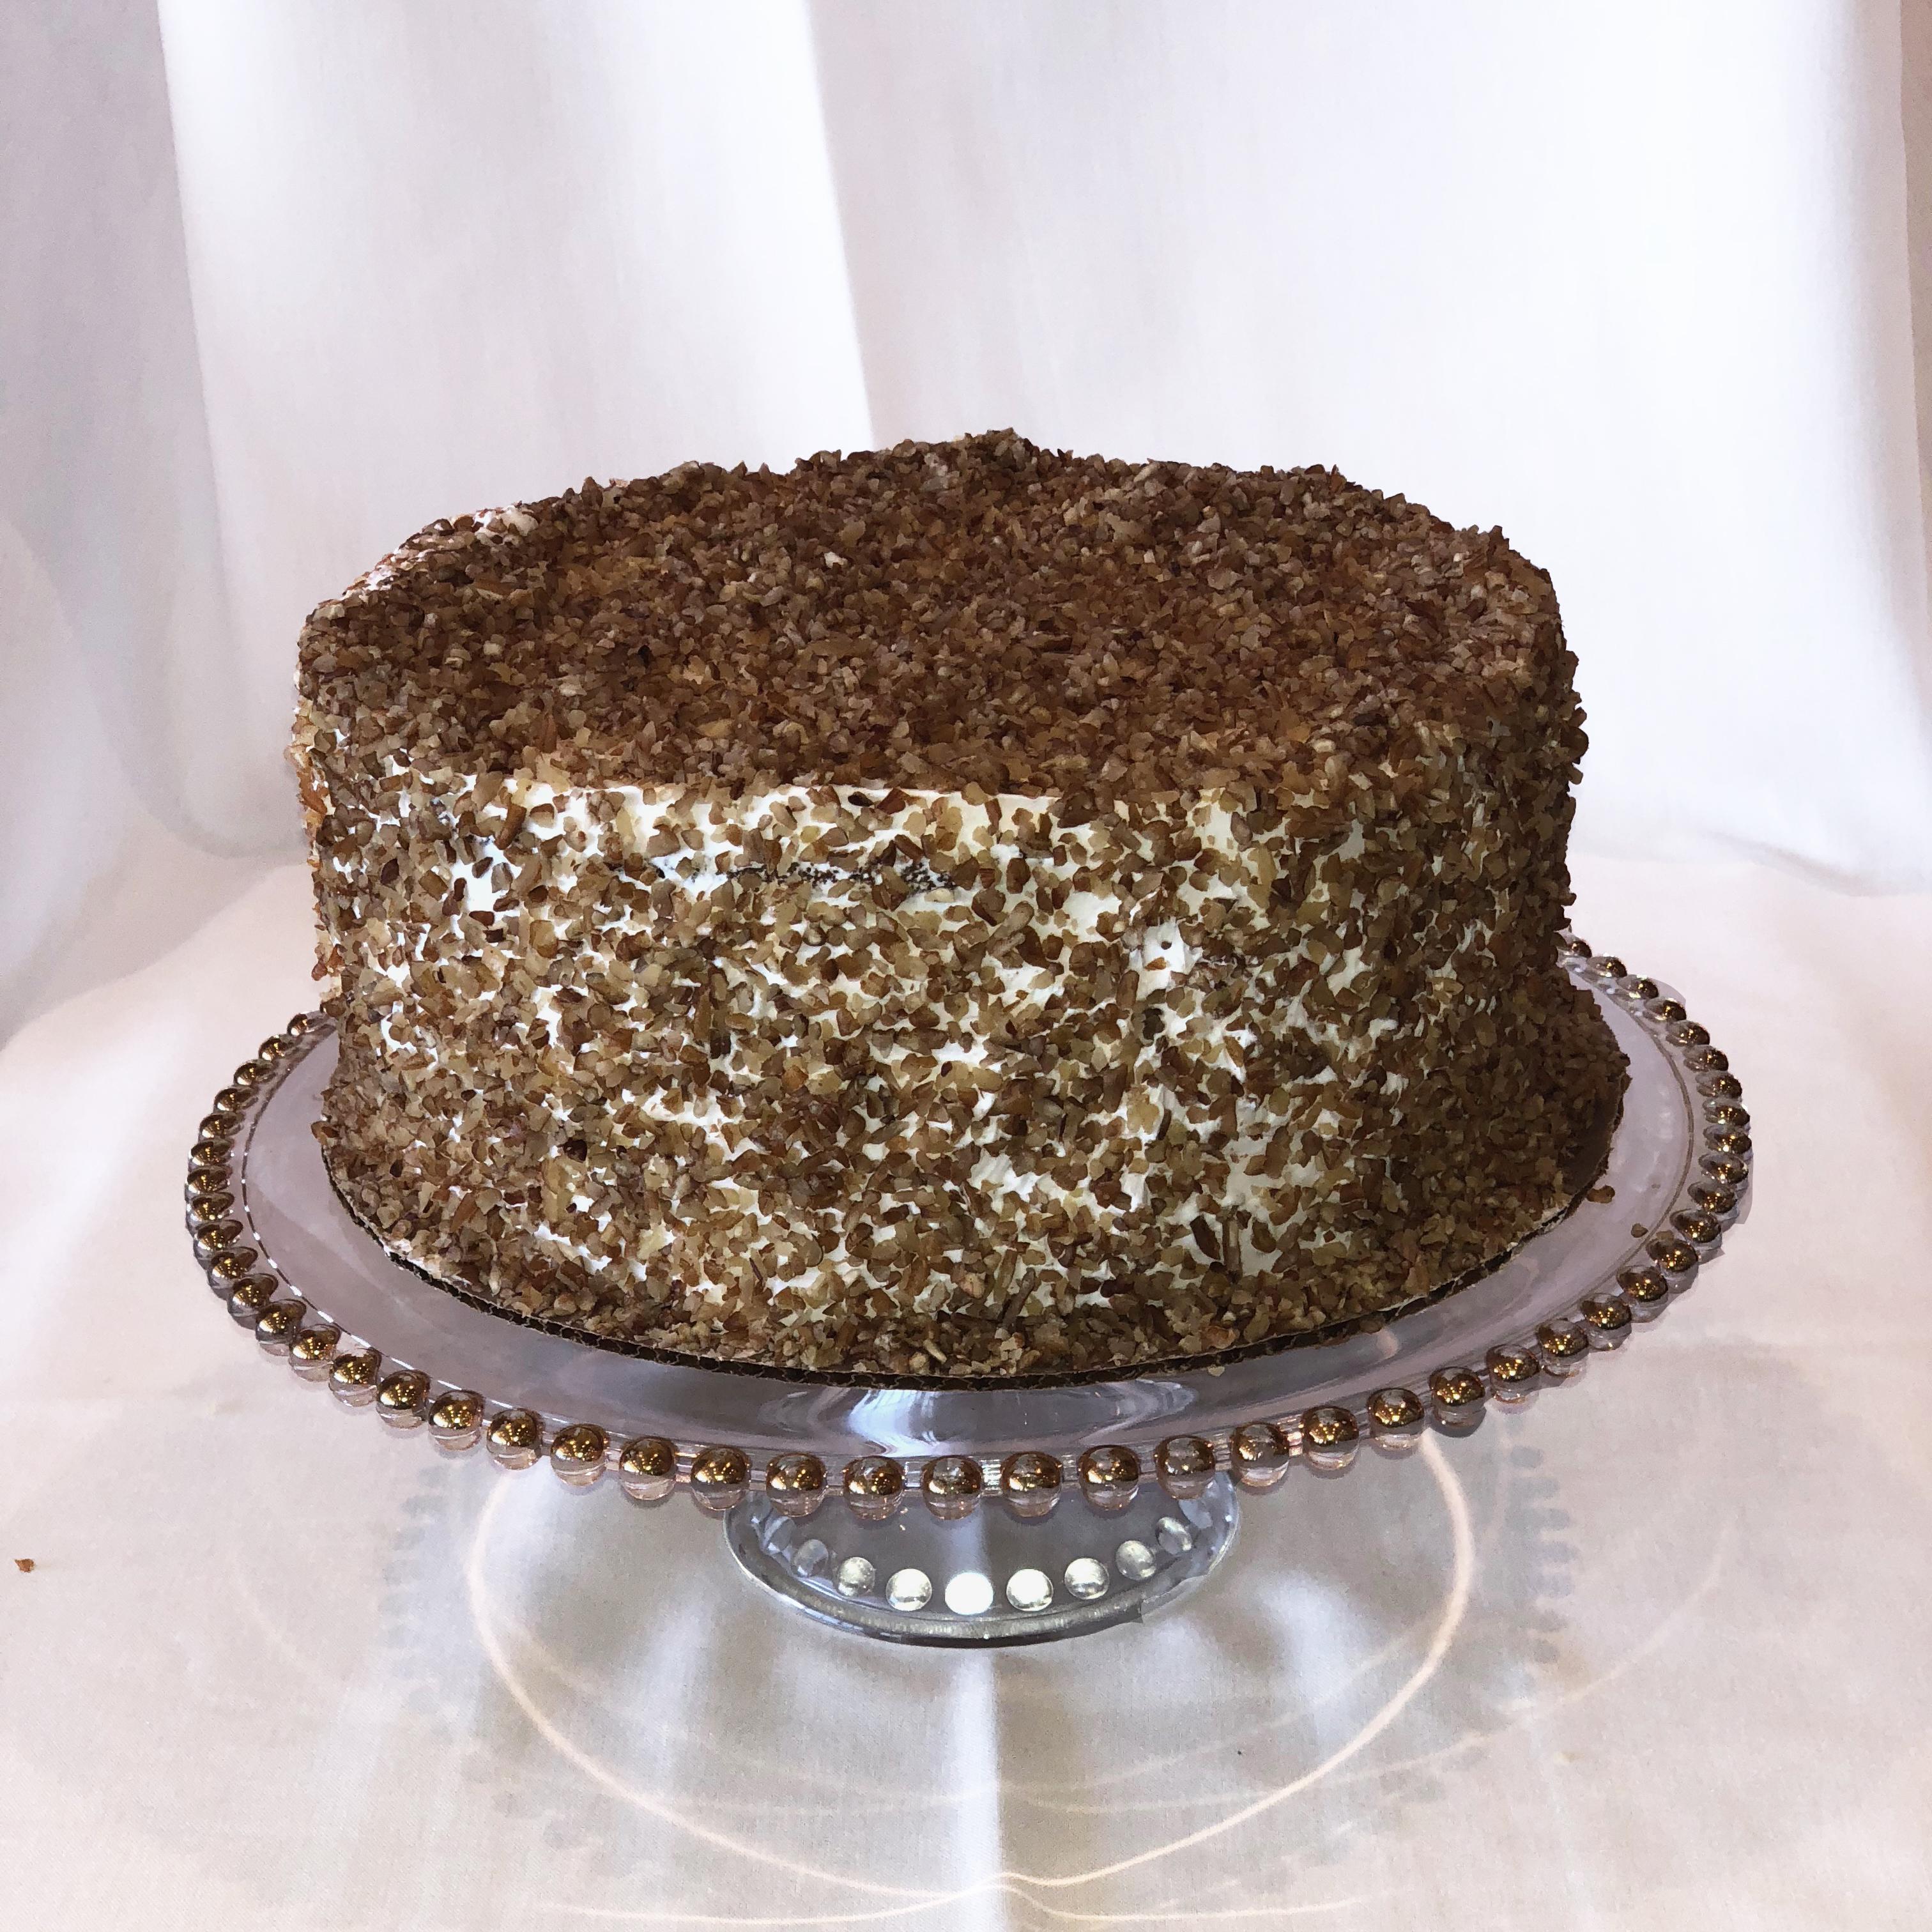 Whole Famous Feud Cake Image